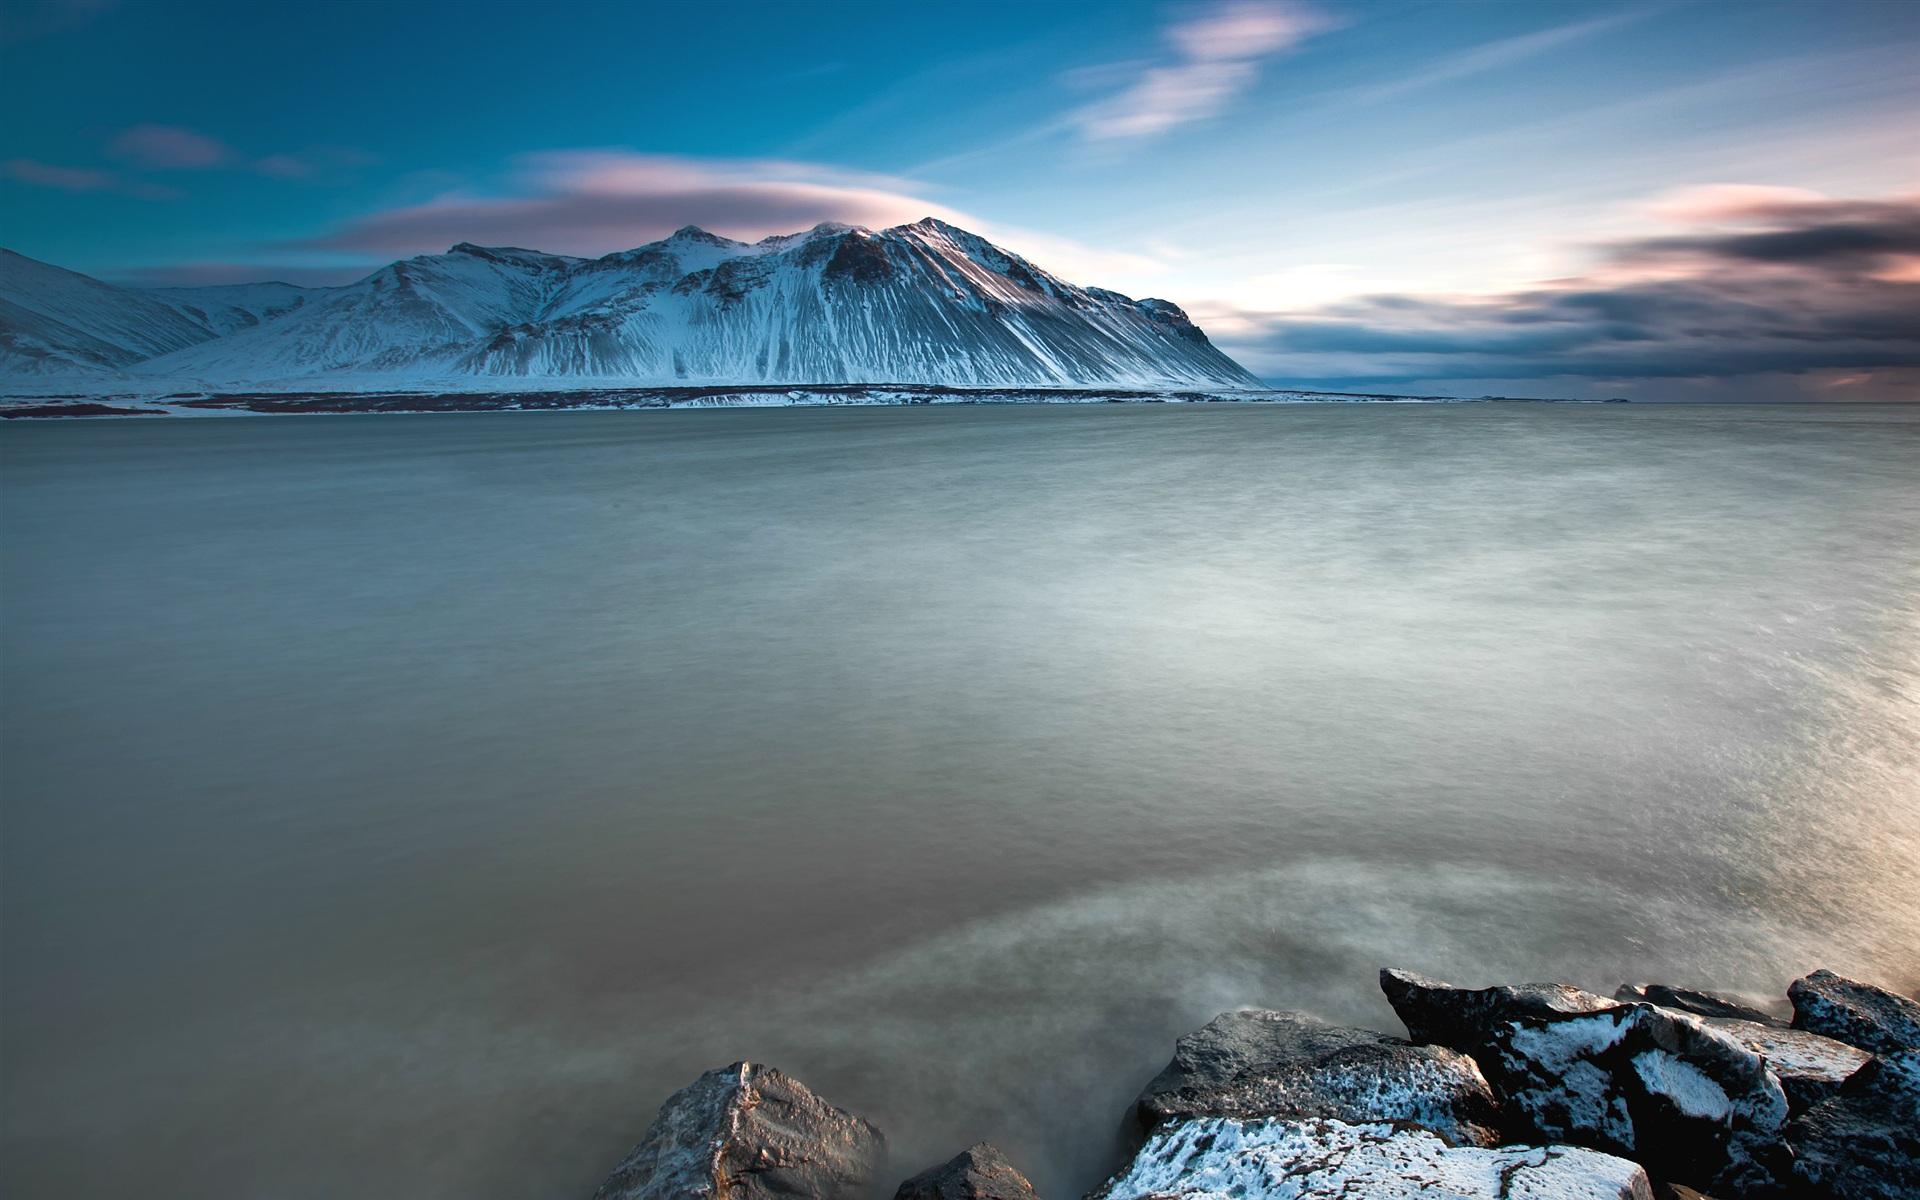 Montaña Nevada 1024x768: Fondos De Pantalla Islandia Encantador Paisaje, Mar